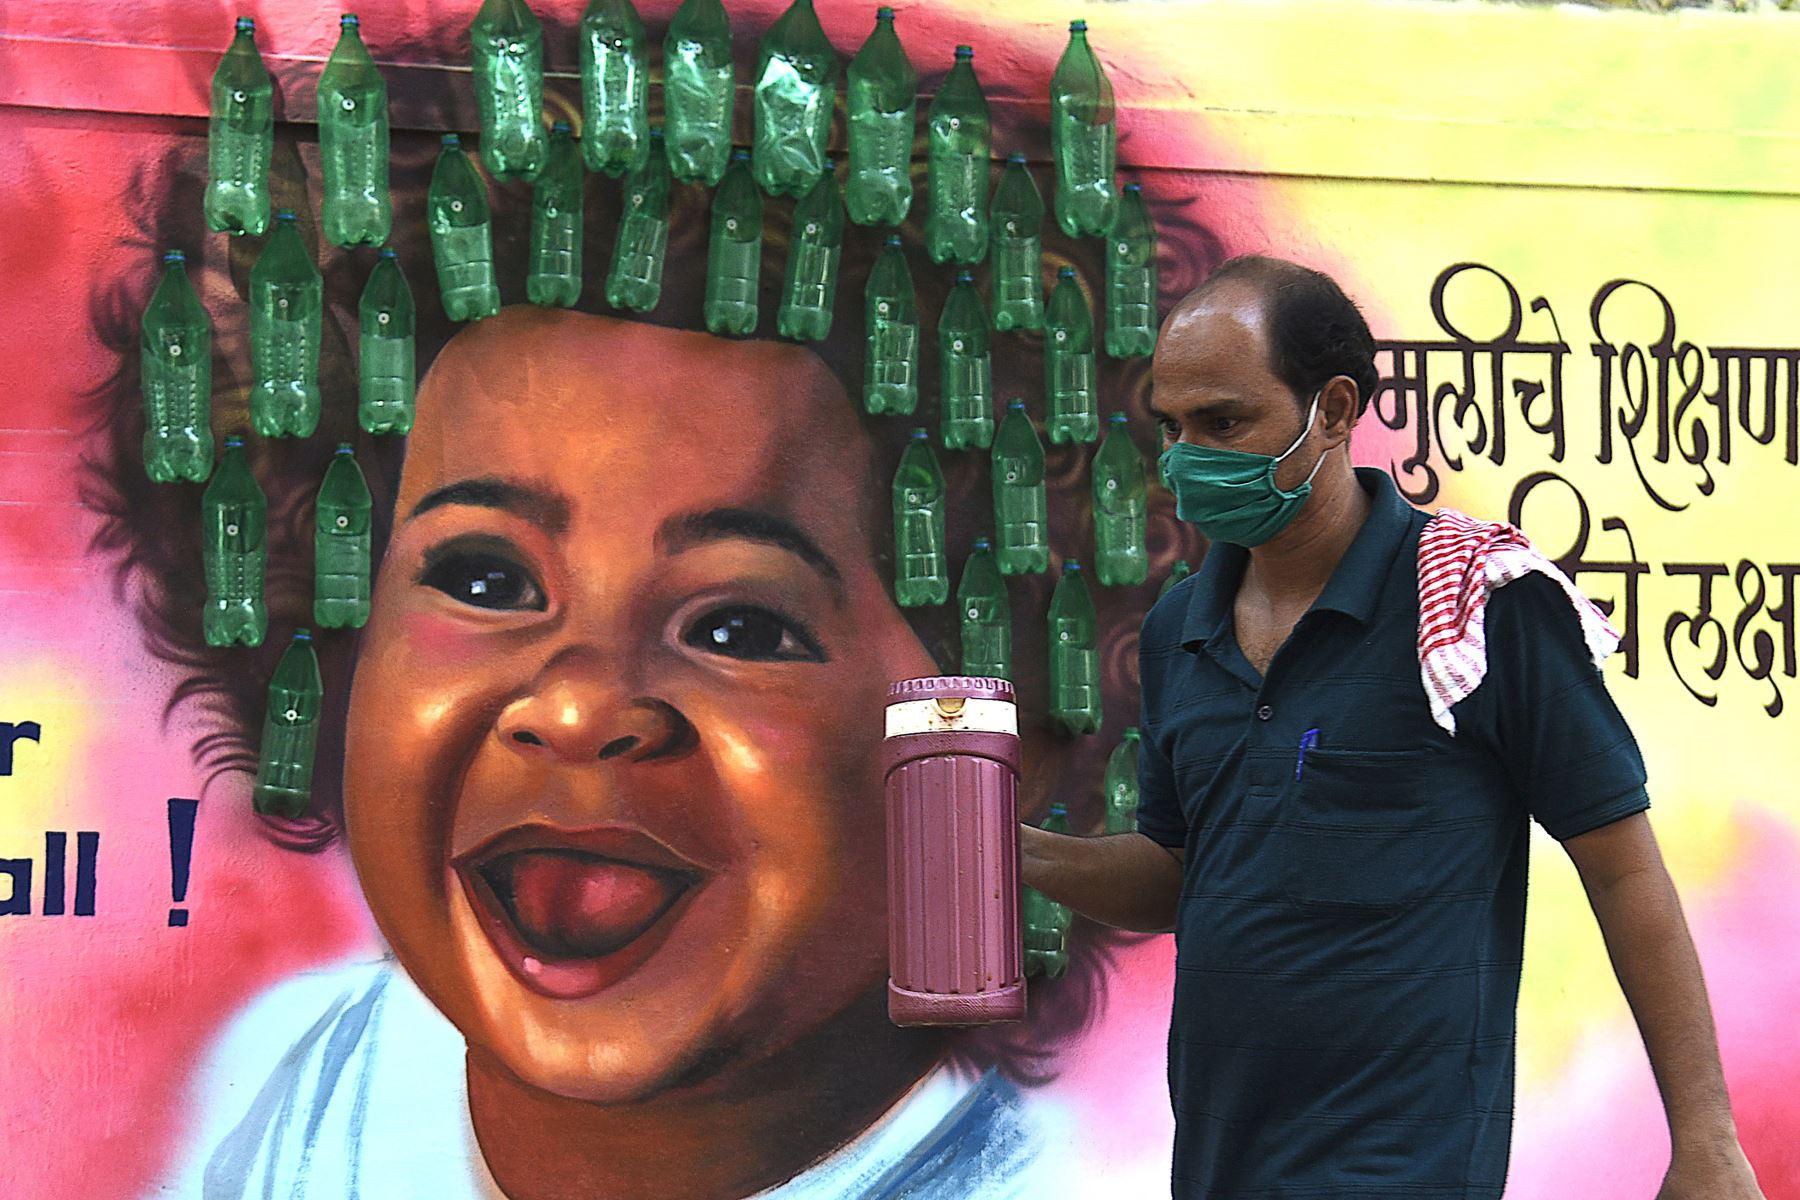 Un hombre con una mascarilla pasa junto a un mural después de que las autoridades impusieran nuevas restricciones como medida preventiva contra la propagación del coronavirus Covid-19, en Mumbai. Desde el comienzo de la epidemia más de 111.331.990 personas contrajeron la enfermedad. De ellas al menos 68.323.000 se recuperaron, según las autoridades. Foto: AFP